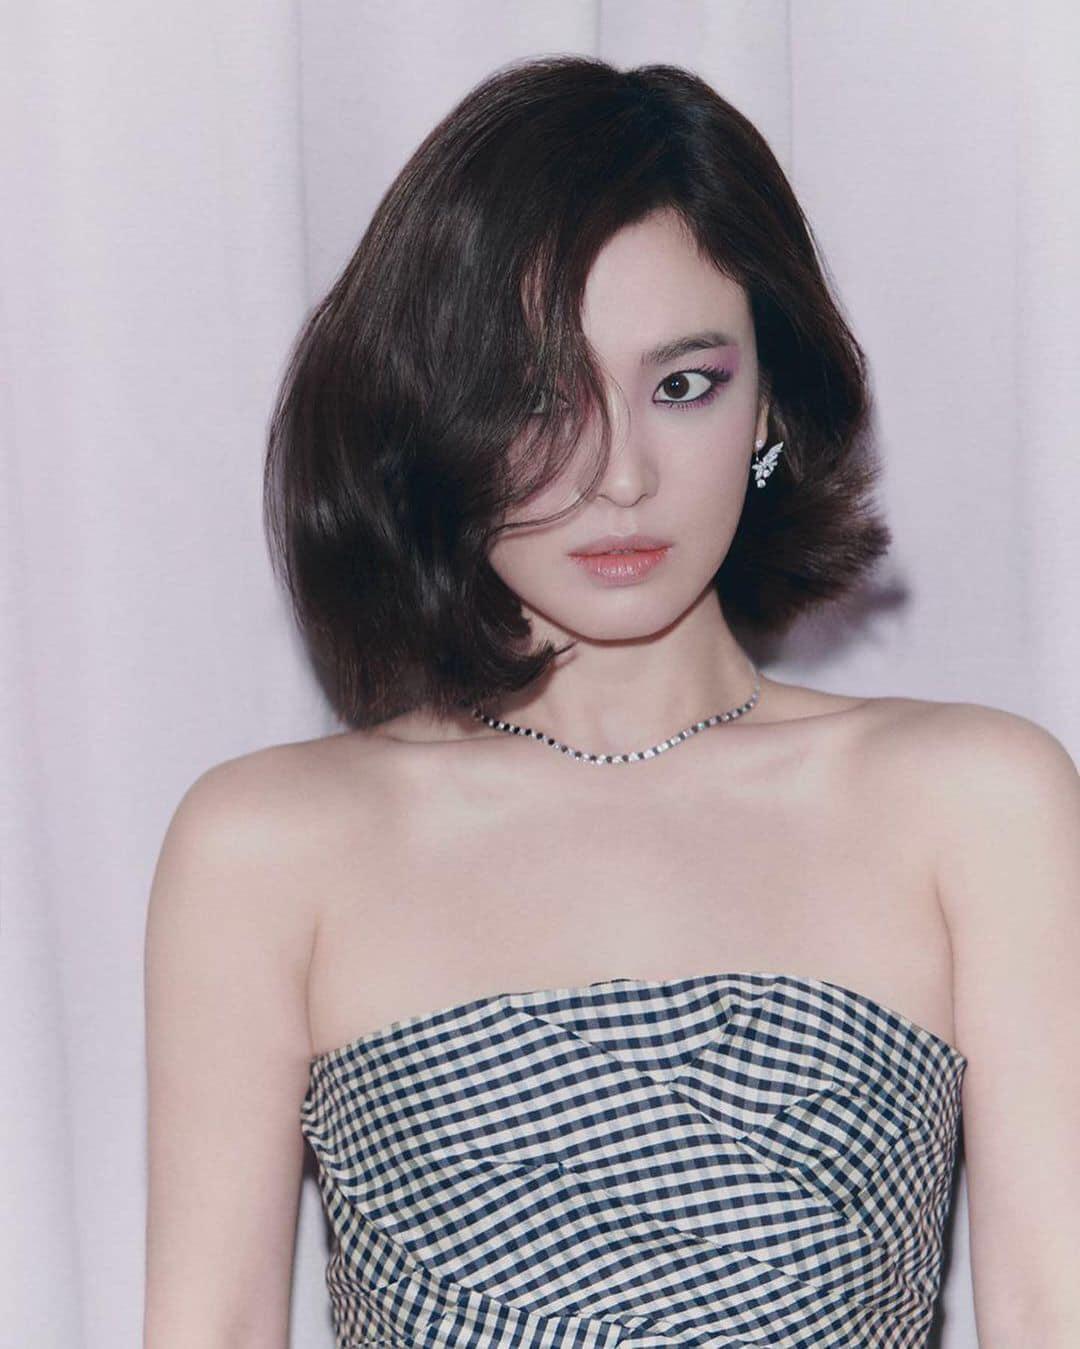 Bài phỏng vấn gây sốt của Song Hye Kyo: Lần đầu công khai nói về cuộc sống hậu ly hôn, dũng cảm nhắc tới tình yêu sau khi Song Joong Ki rời đi-3